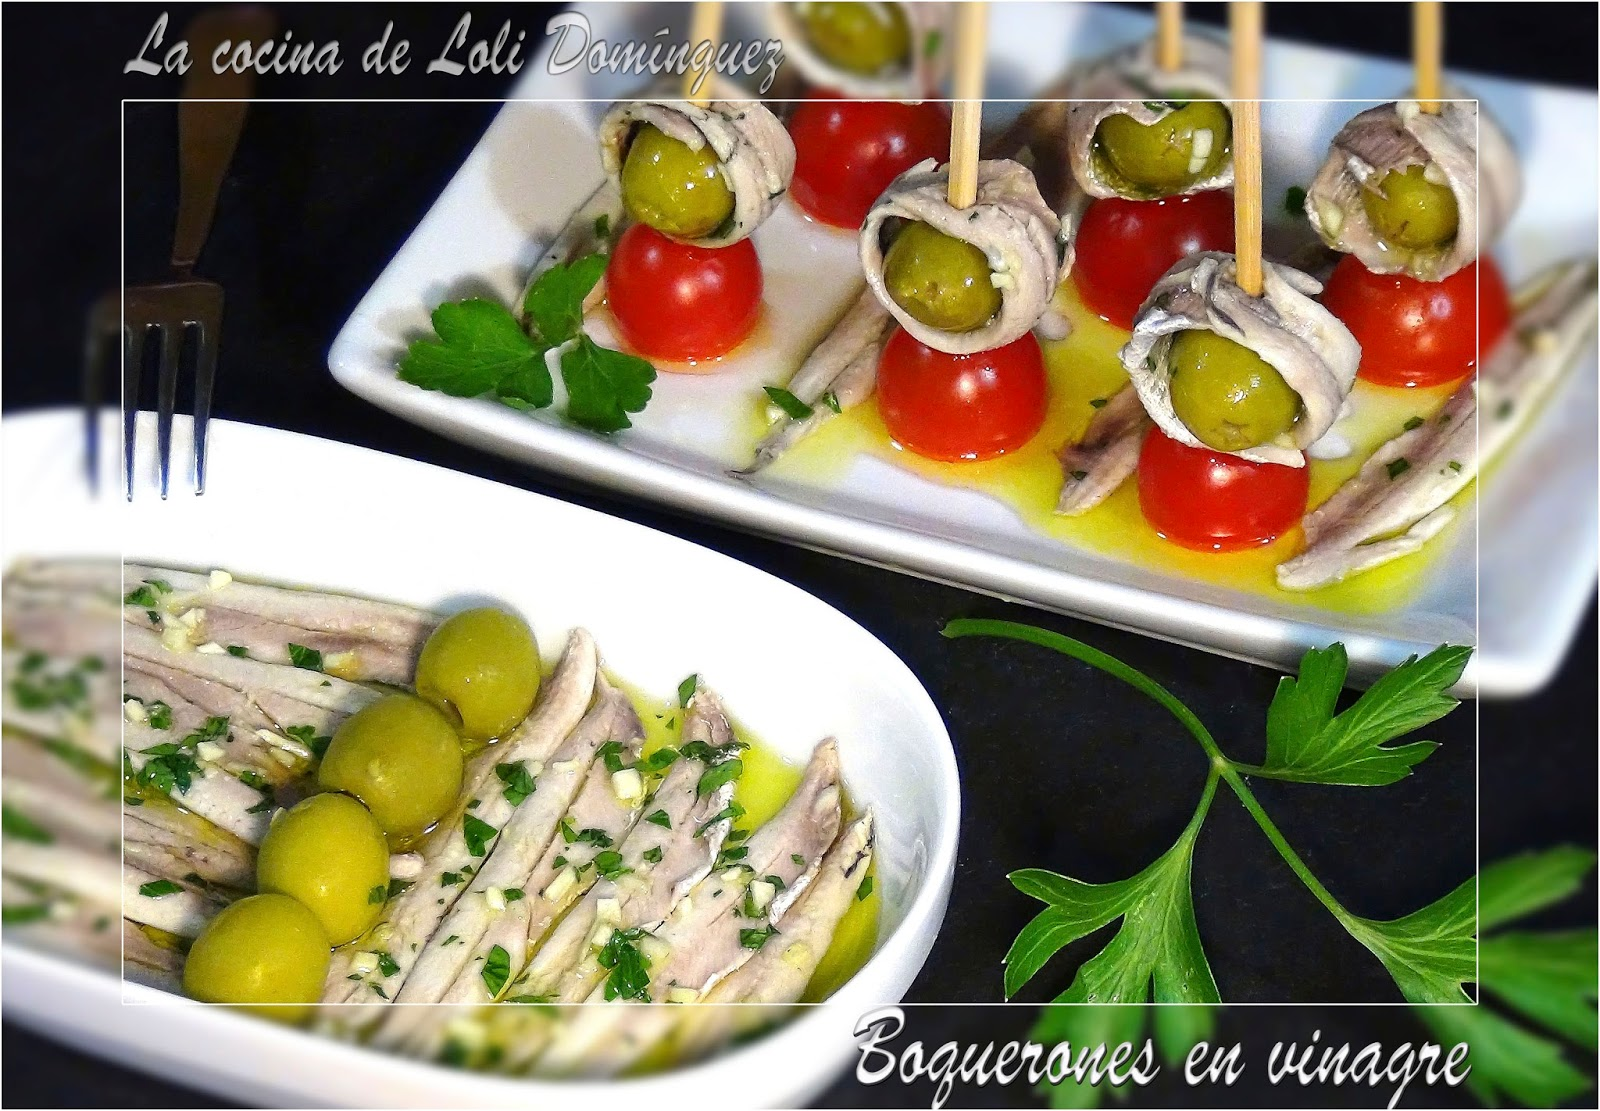 La cocina de loli dom nguez boquerones en vinagre - Calorias boquerones en vinagre ...